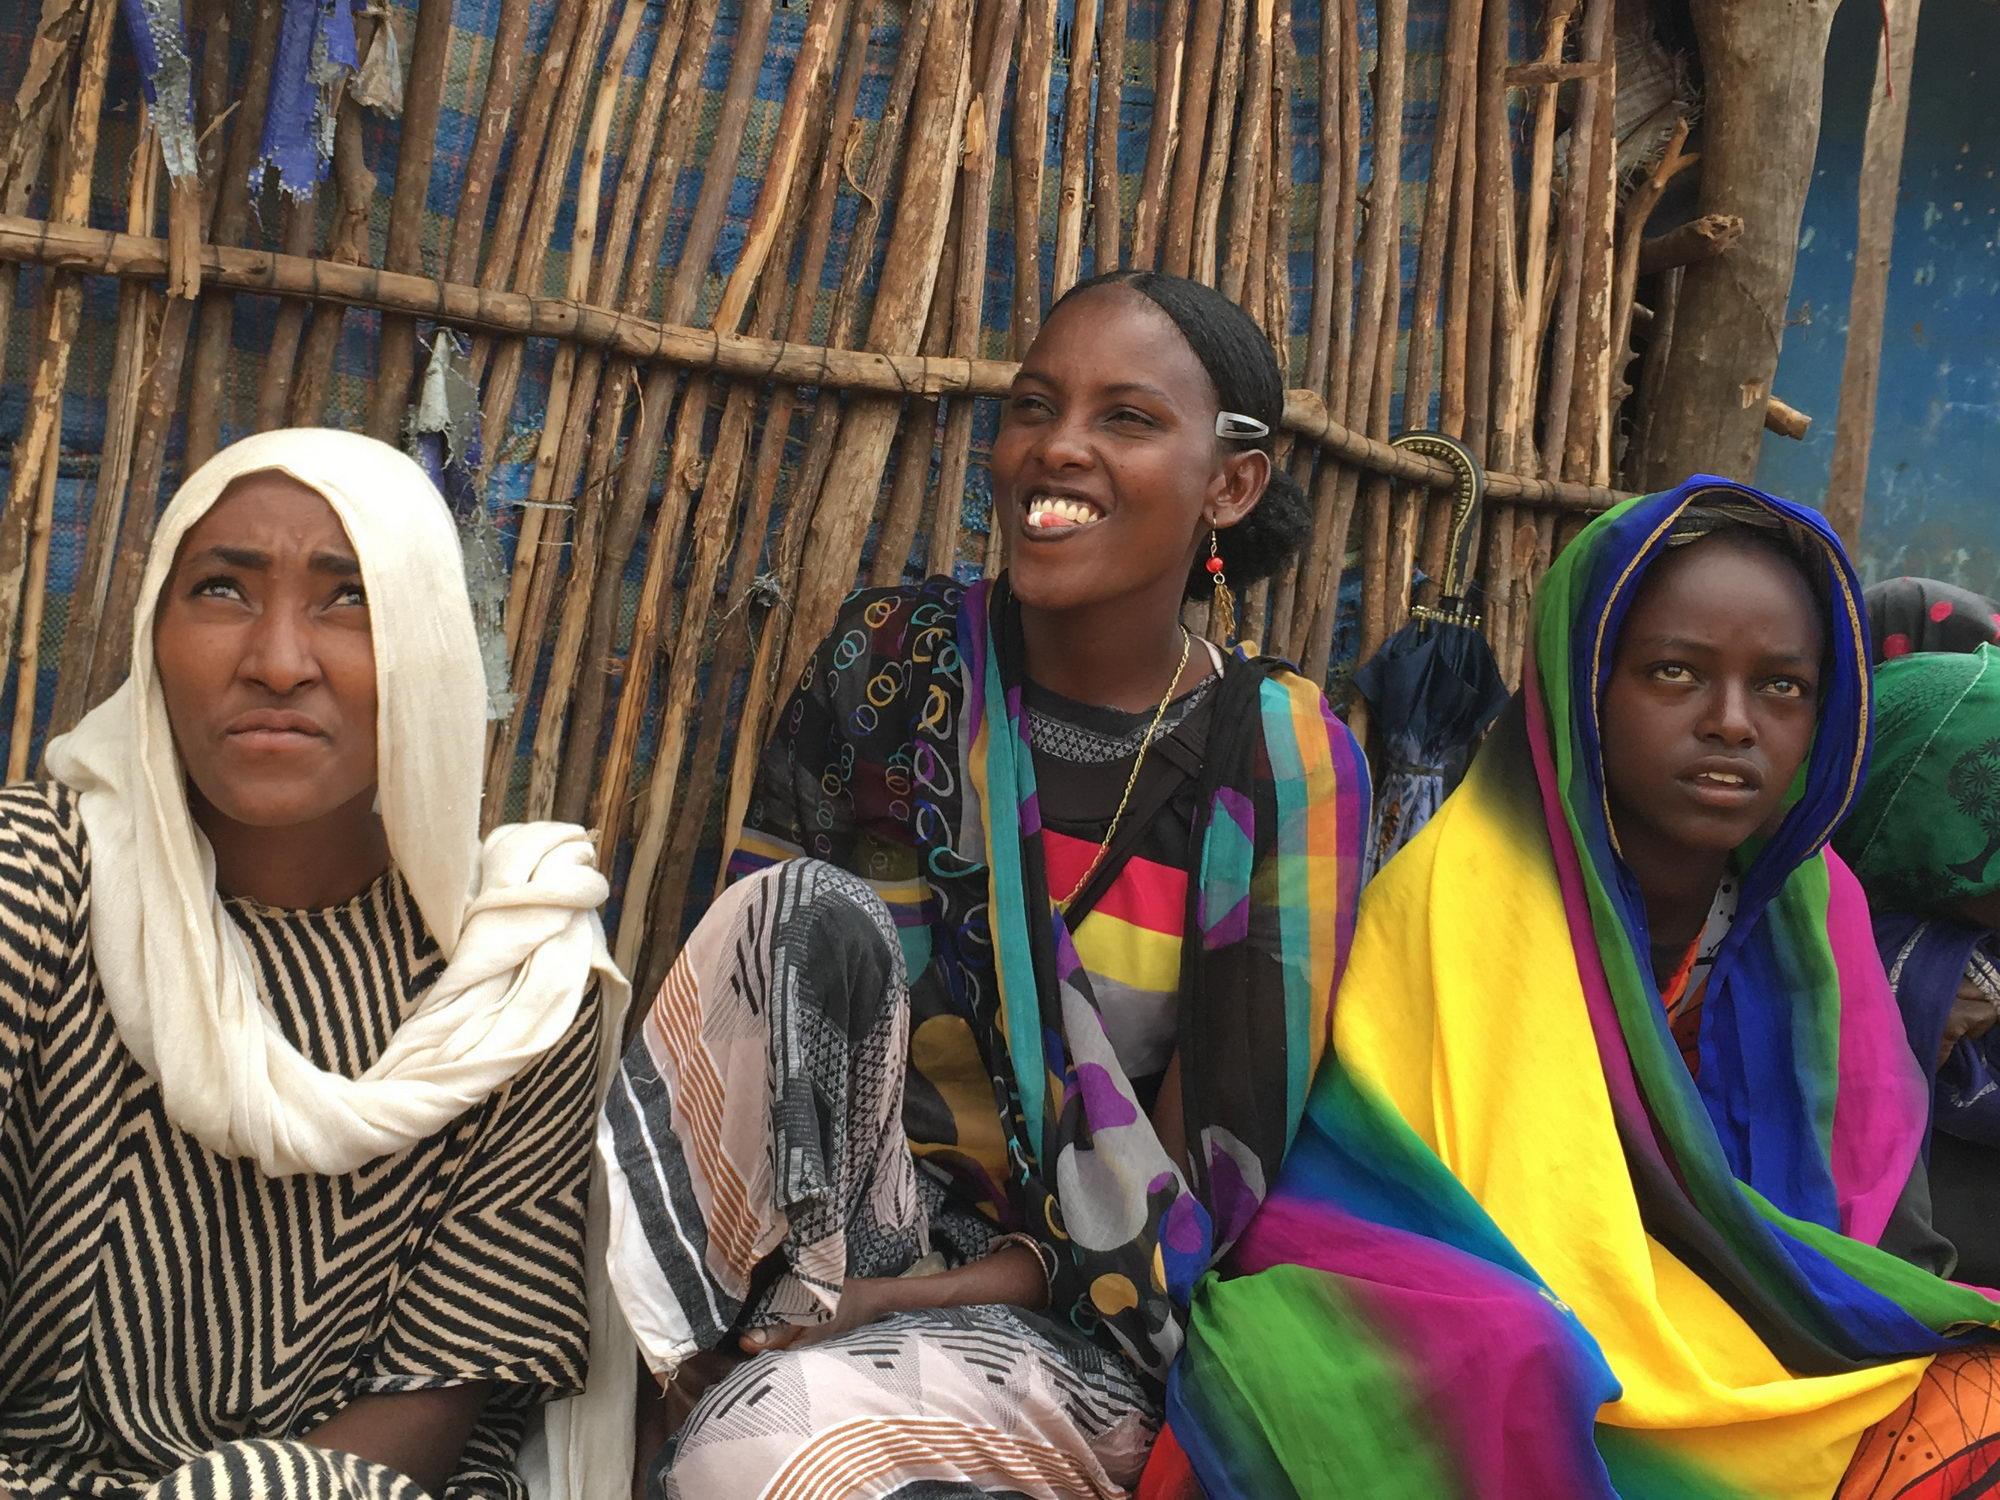 Etiopijke